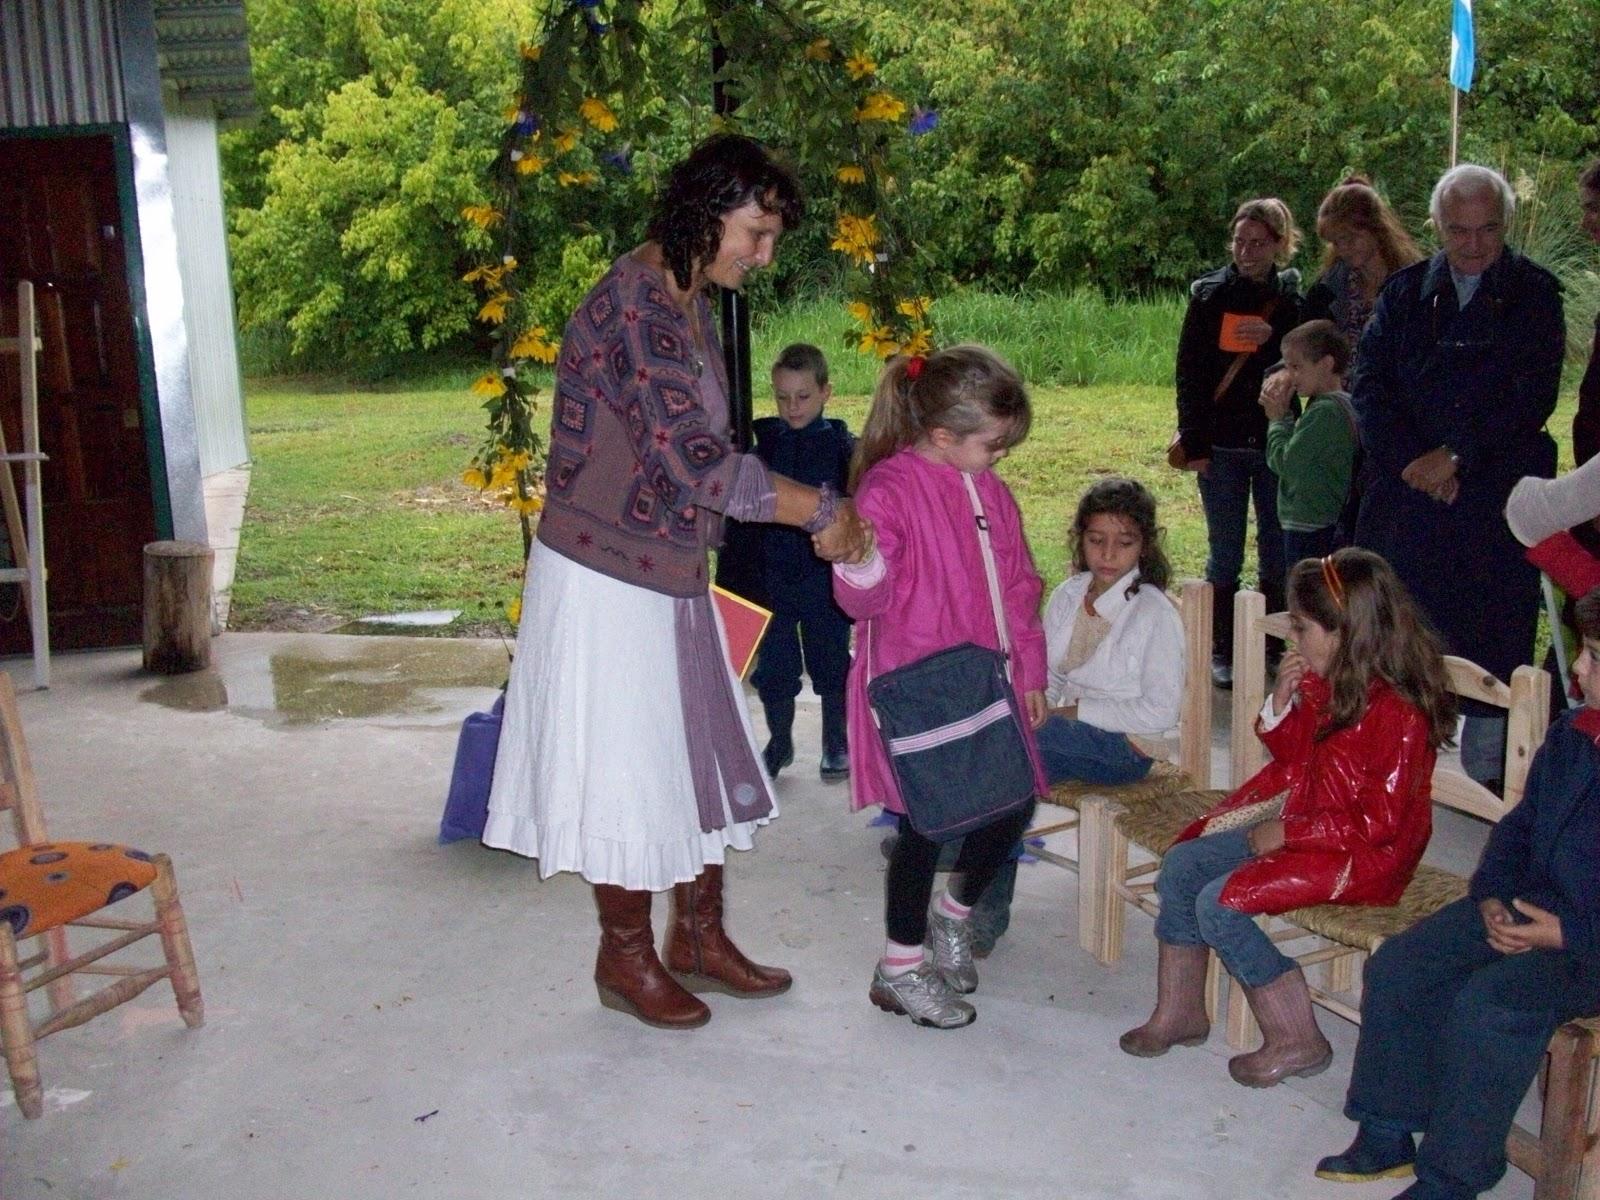 La Maestra  Patricia  Invit   A Los Ni  Os A Atravesar El Arco De